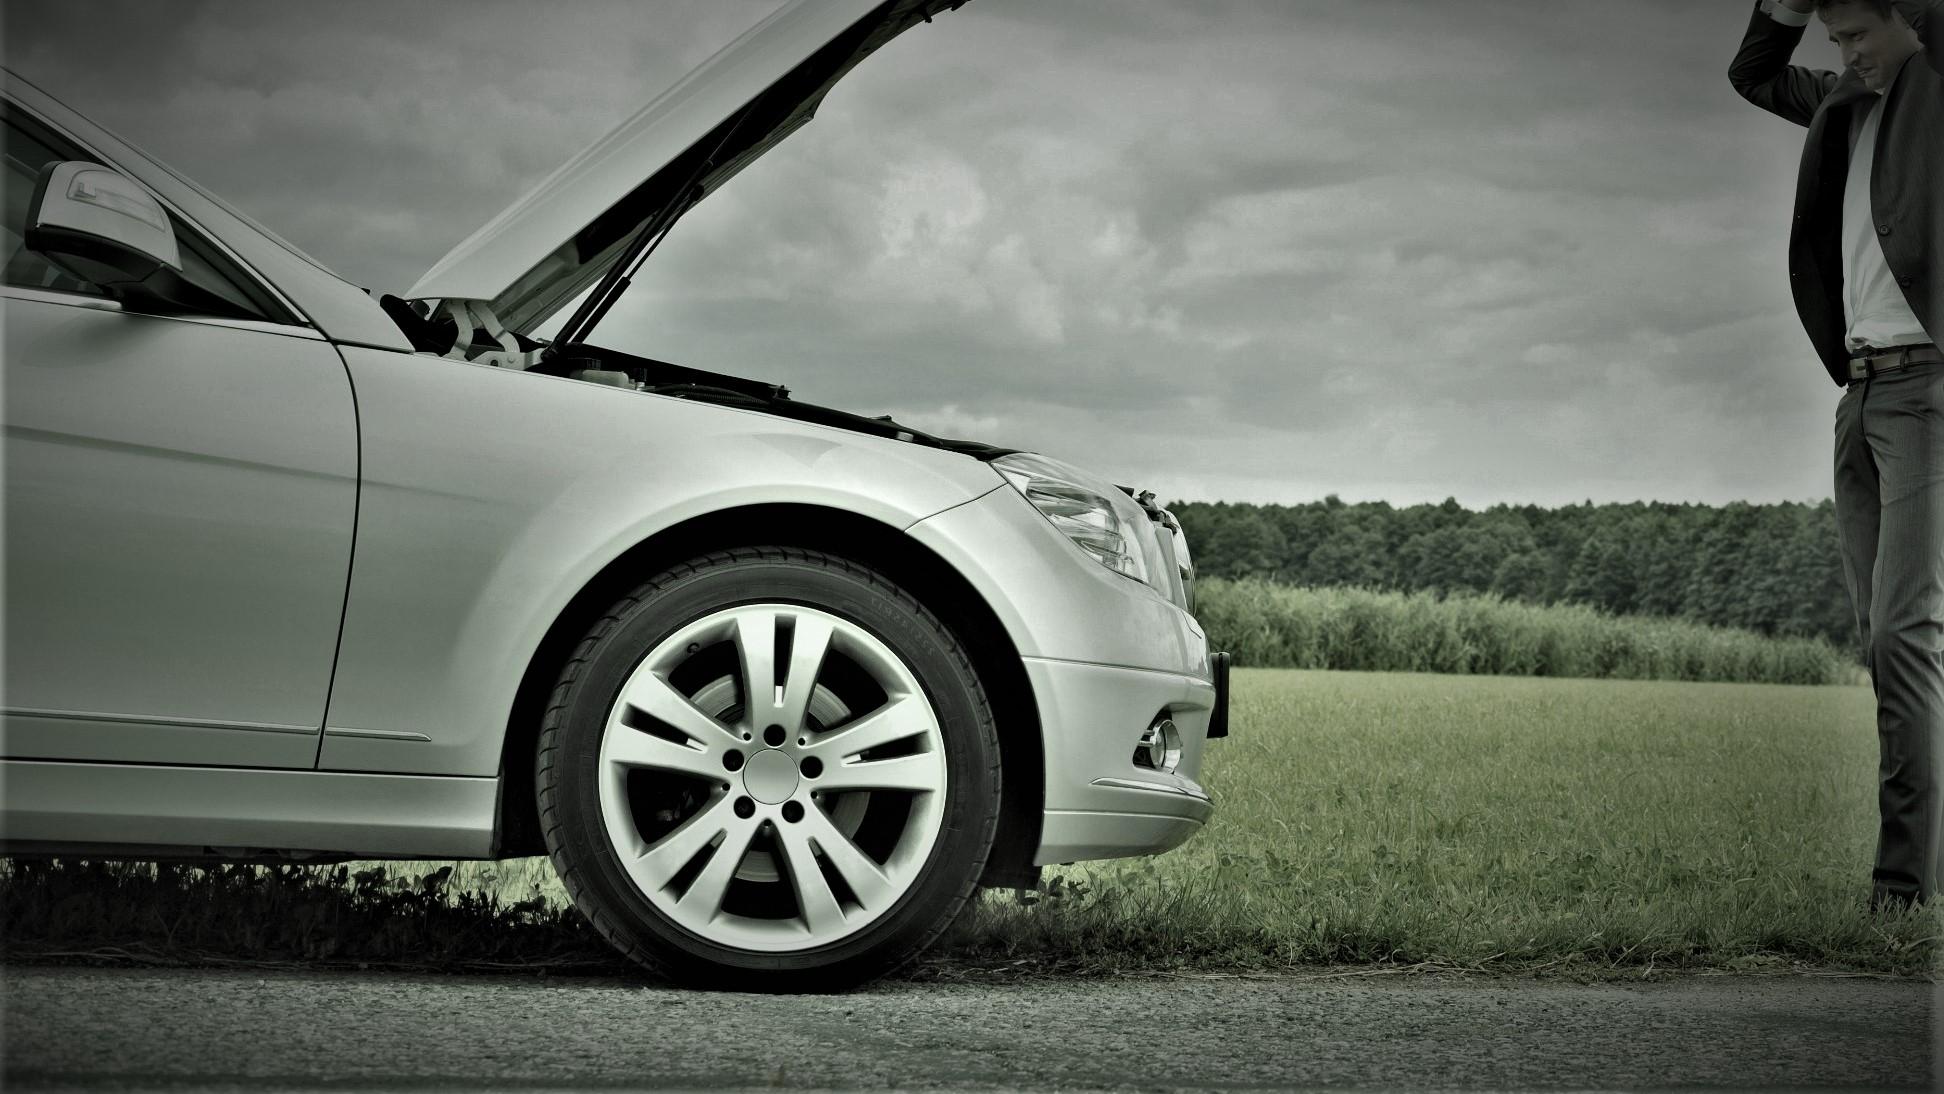 Achat D Un Vehicule D Occasion De Quelles Garanties Disposez Vous